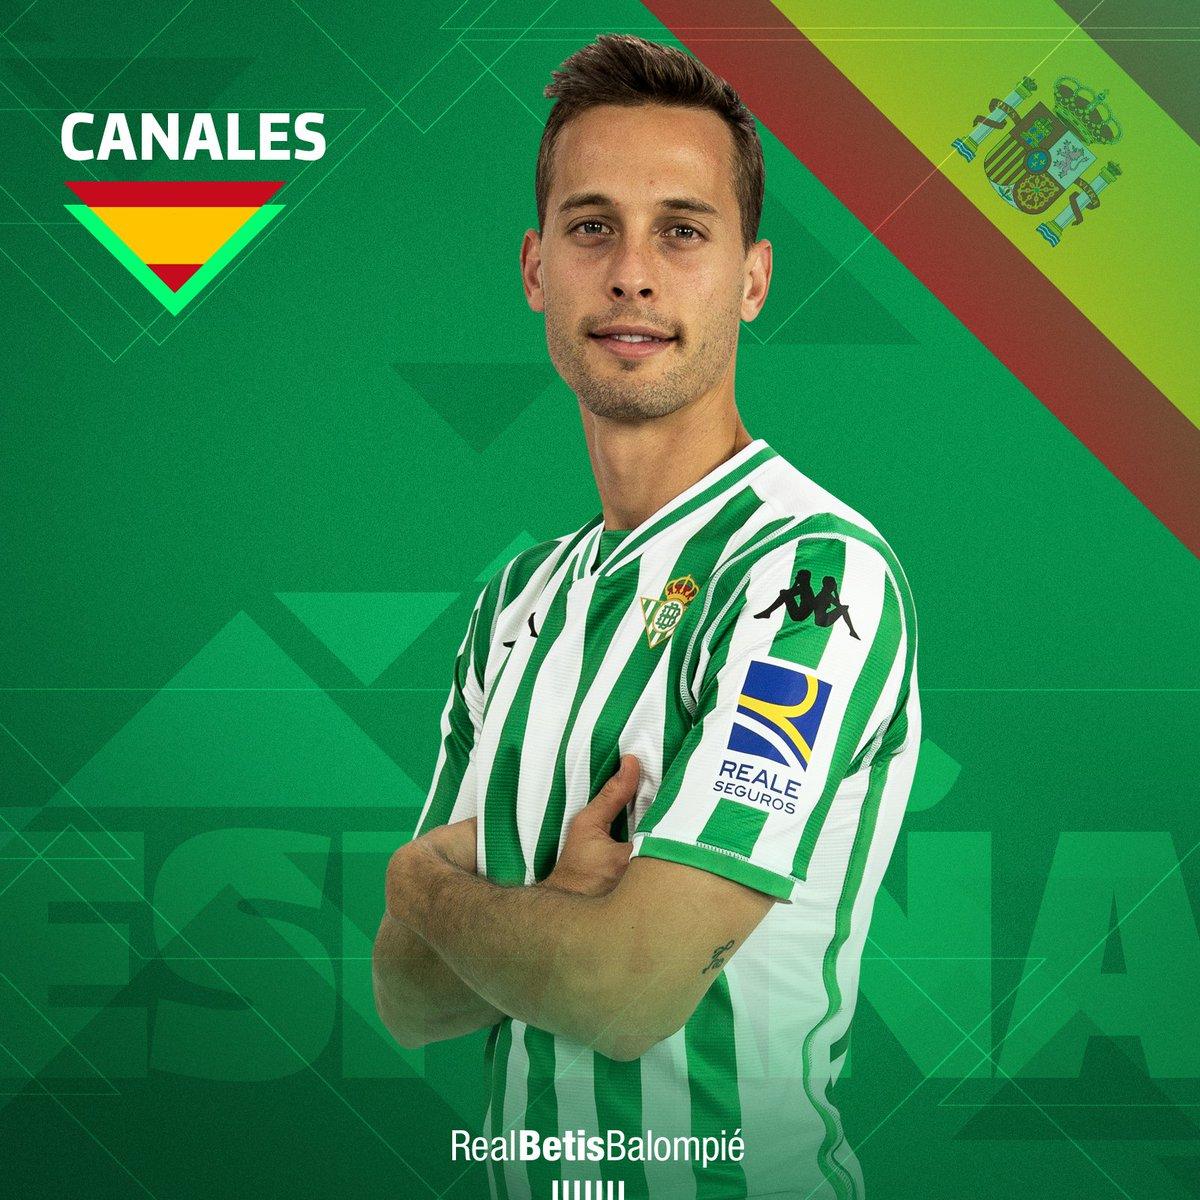 ¡¡¡¡@SergioCanales se estrena en una convocatoria de la @SeFutbol!!!! 🎩🇪🇸🔝